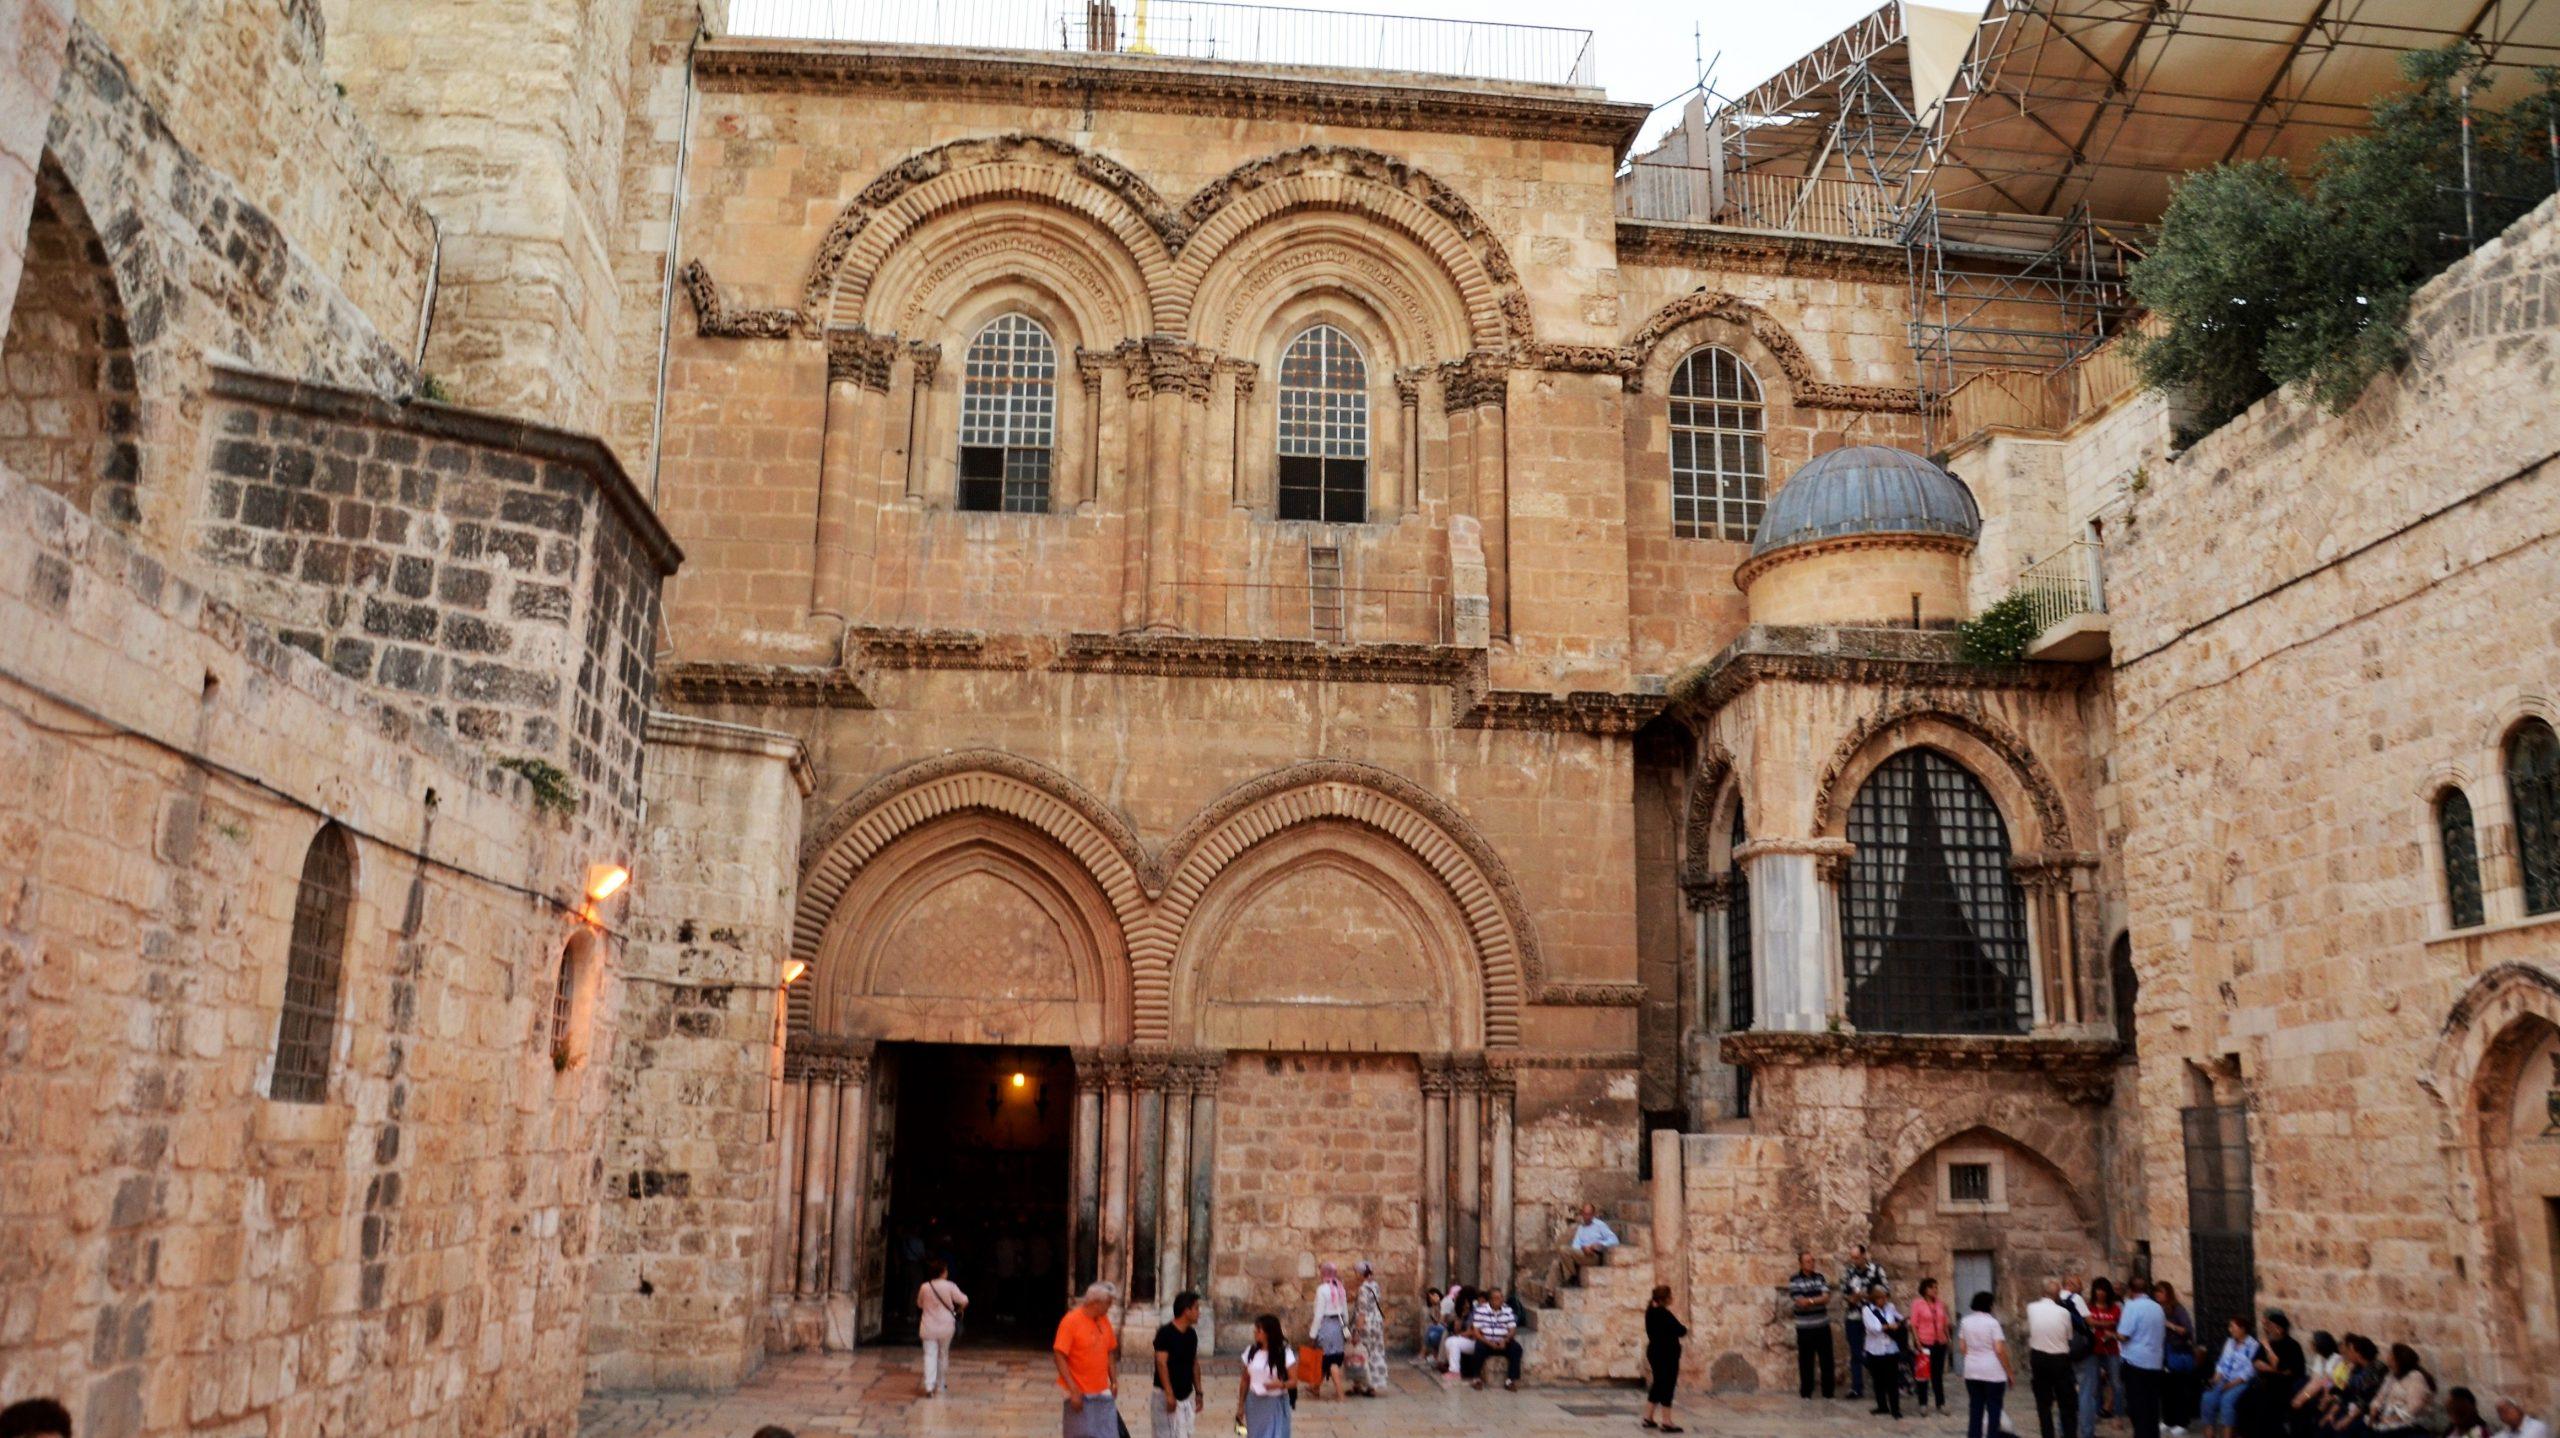 Grabeskirche Sehenswürdigkeiten Jerusalem